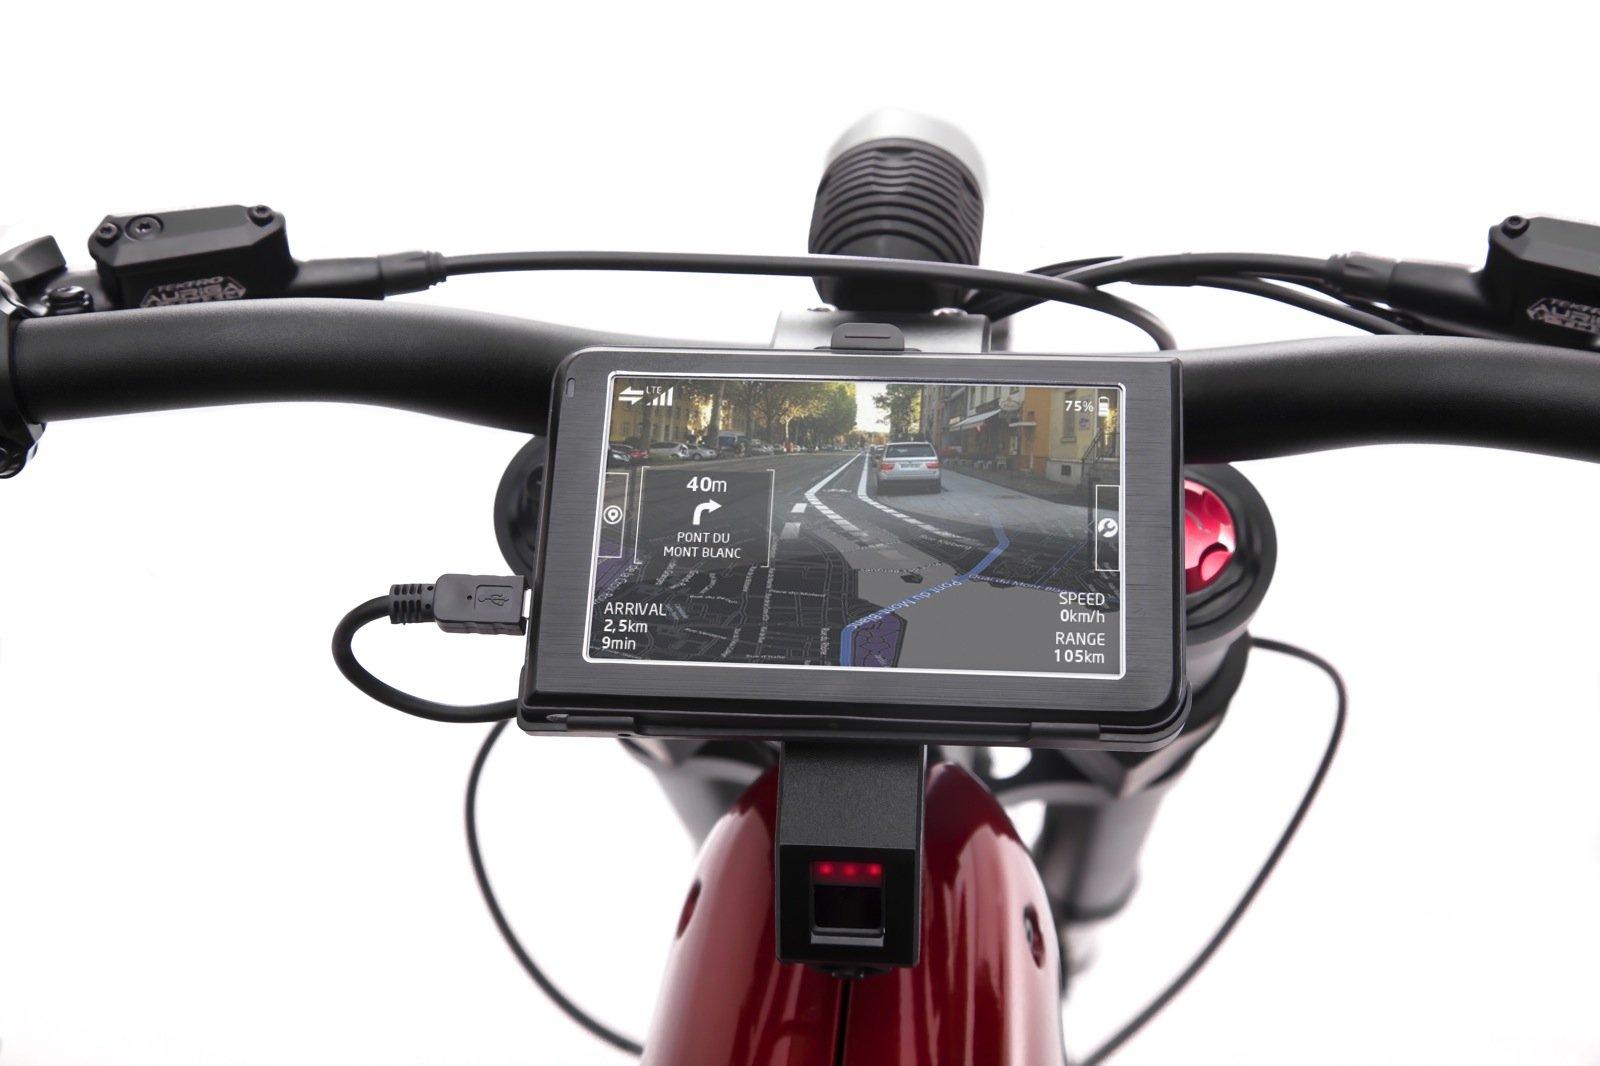 Über das fünf Zoll große Touchpad am Lenker geht der Fahrer des eBIQUE in die hauseigene Cloud von Qoros. Von dort wird er mit intelligenter Navigation versorgt, kann seine Routen planen, Bordinfos abrufen oder Soziale Netzwerke ansteuern.